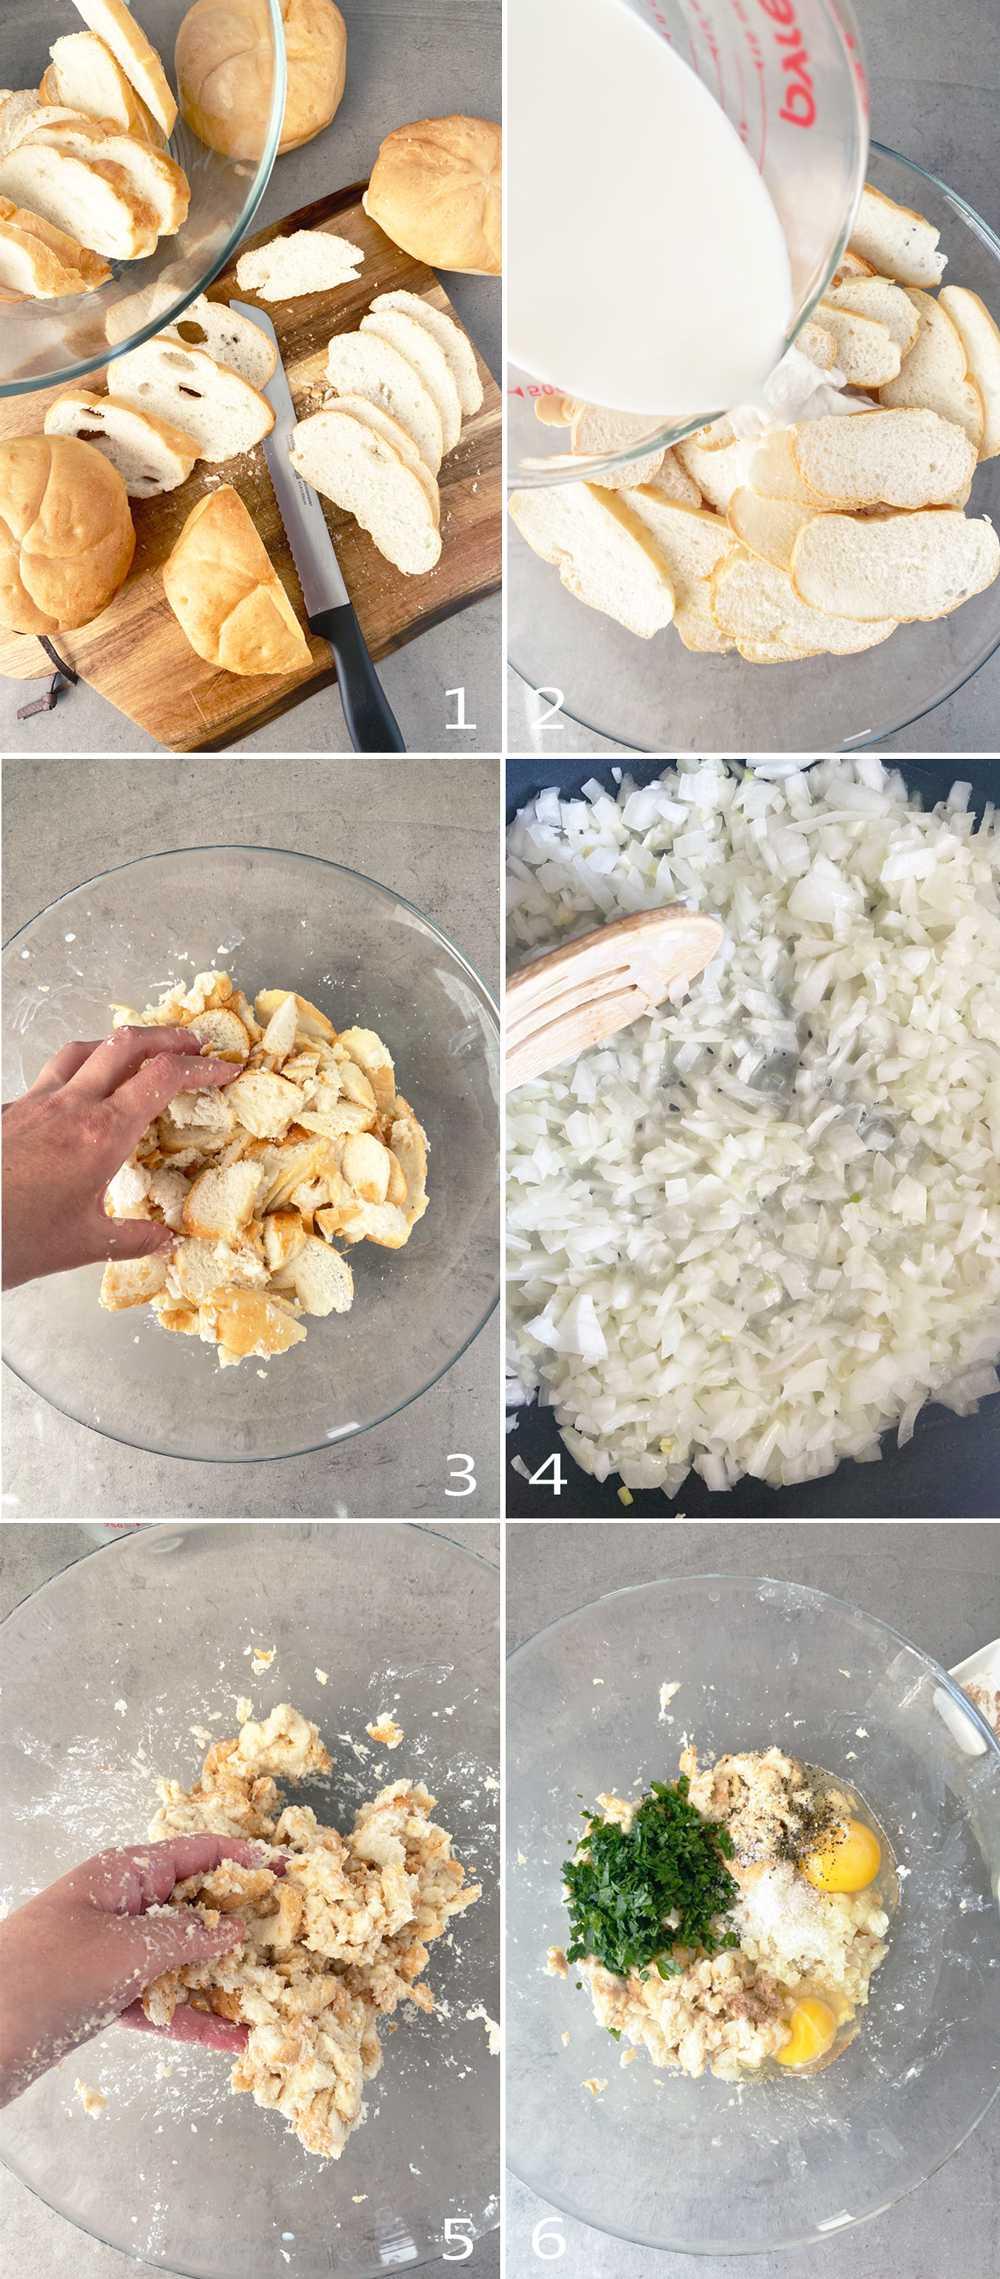 Steps to cut, soak and mix bread rolls into a bread dumpling mixture.